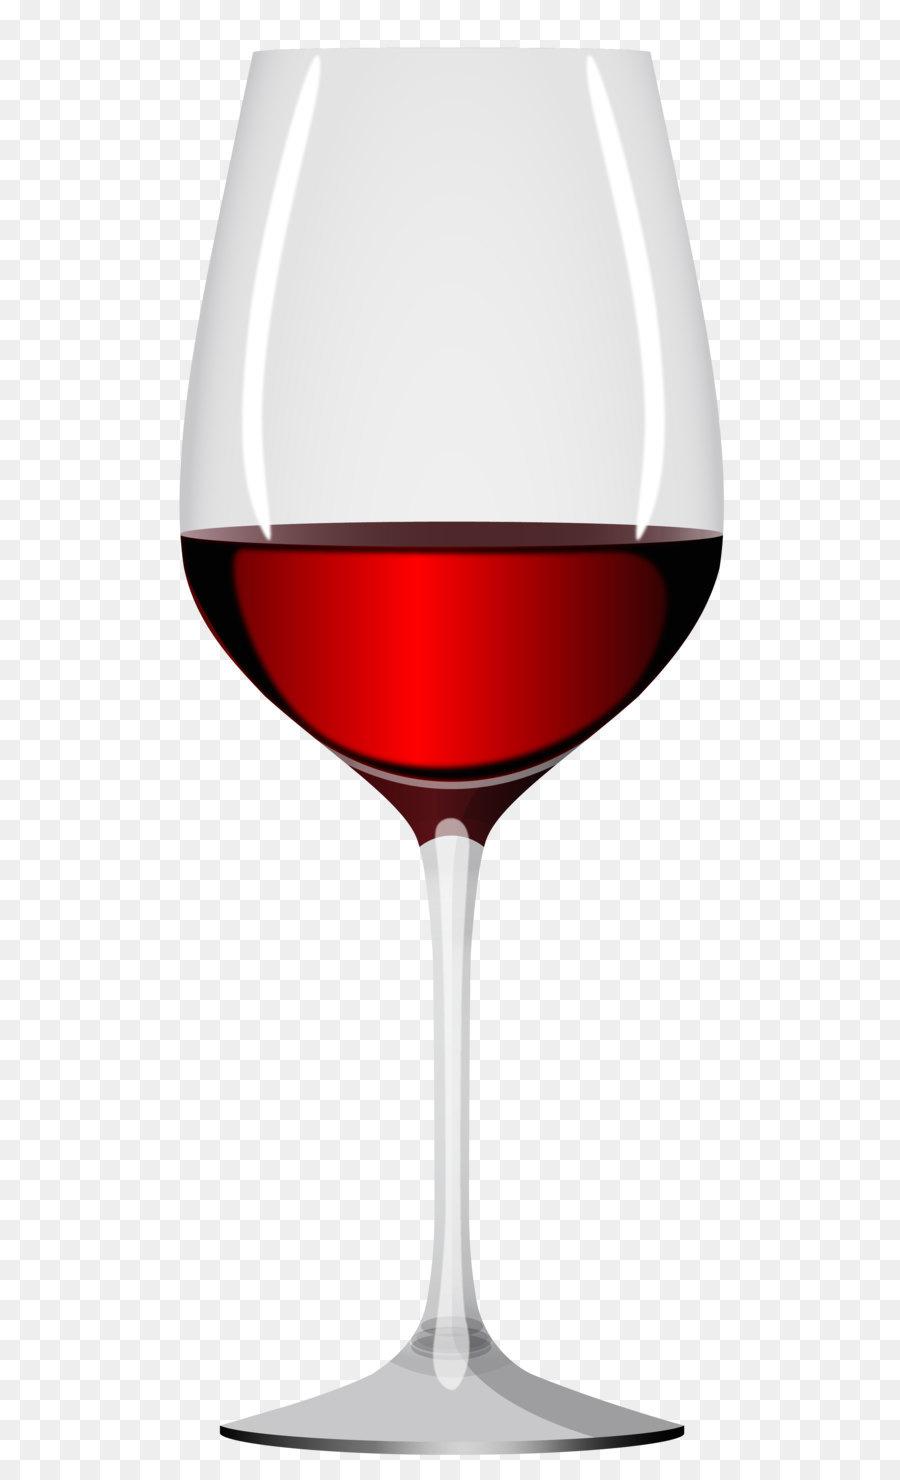 картинки вино без фона выбору сорта